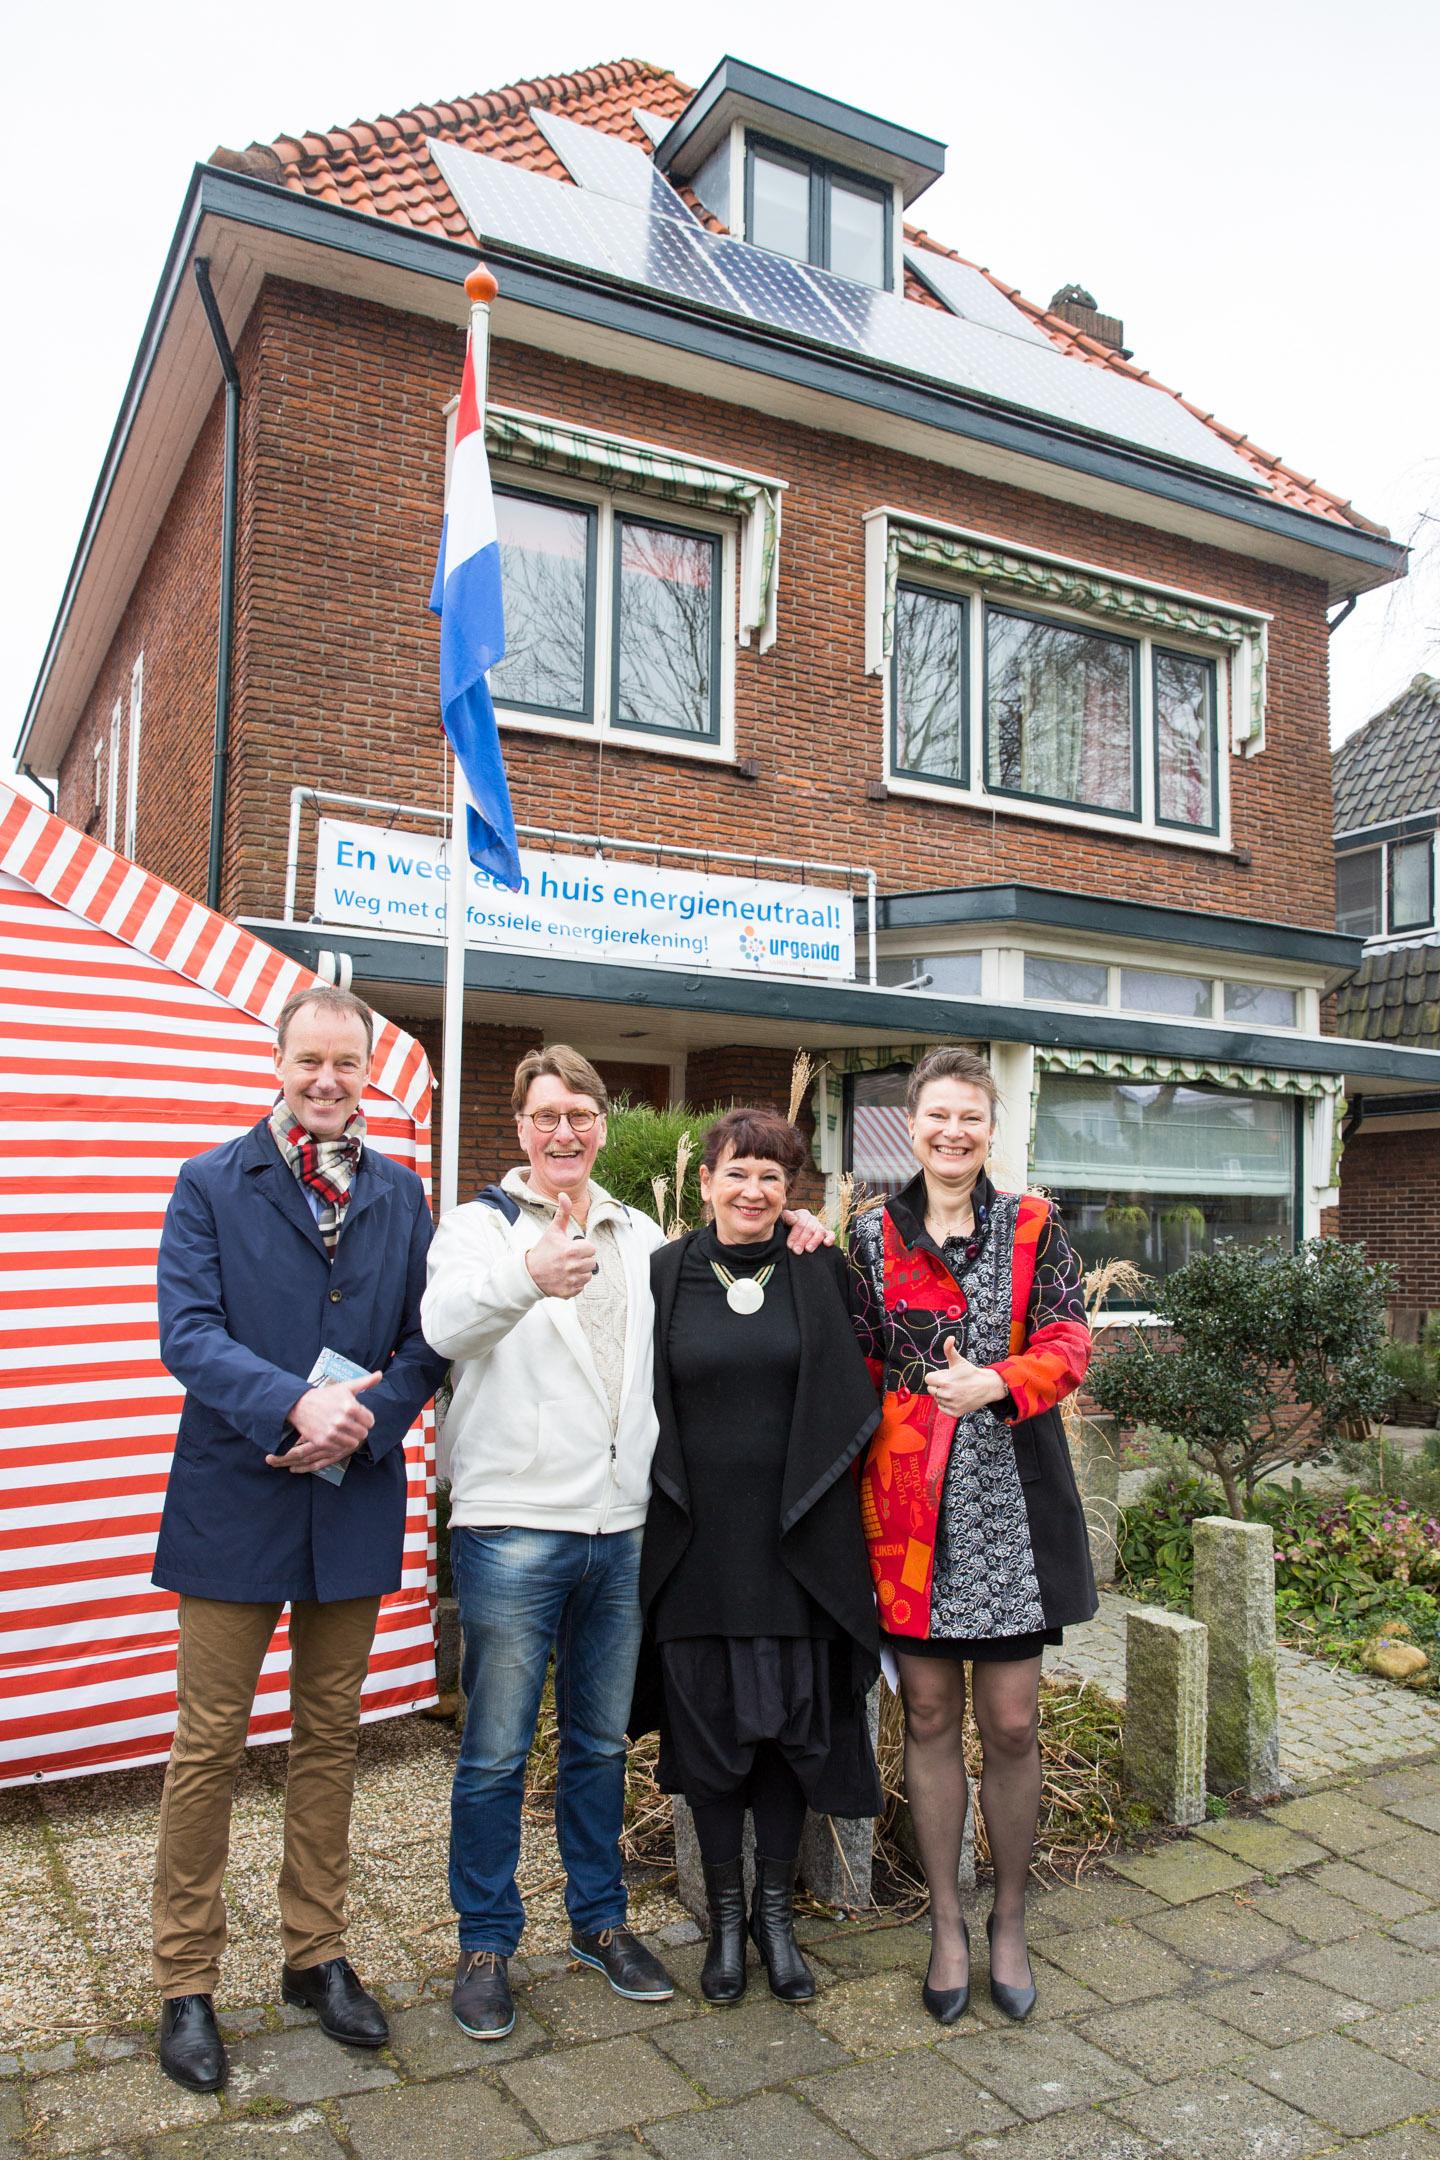 Weer-een-huis-energieneutraal-urgenda-thuisbaas-credit-Chantal-Bekker-GraphicAlert-zonnepanelen-dak